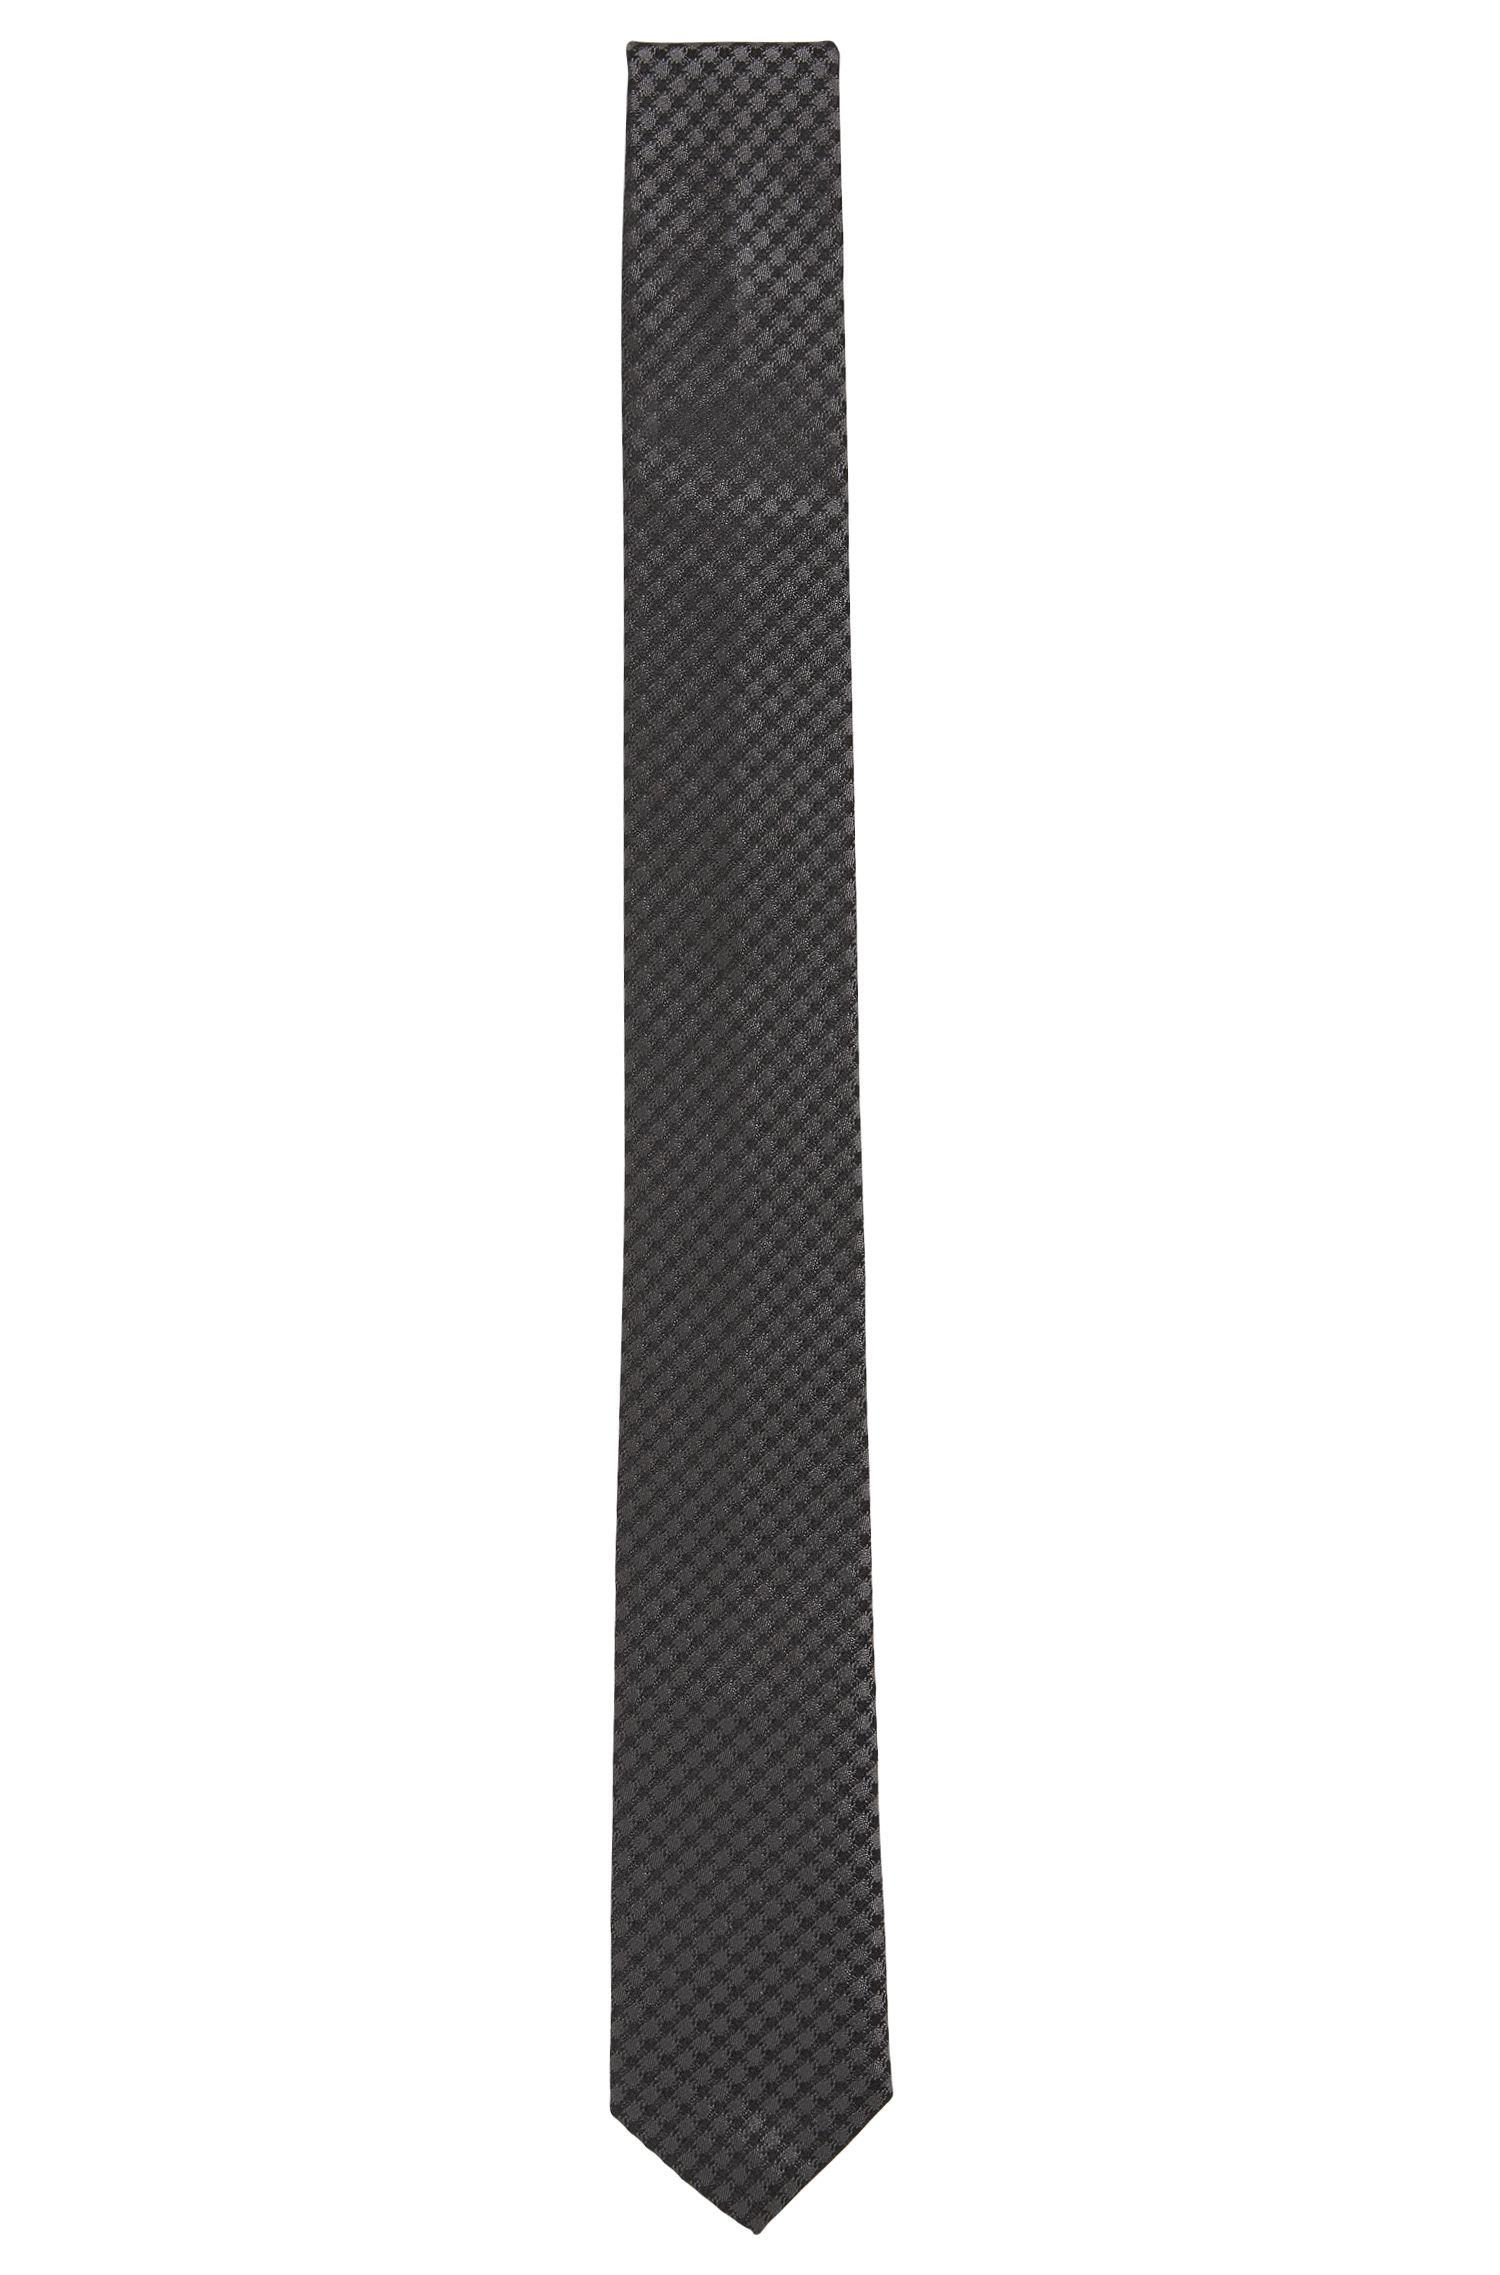 Cravate en pure soie micro-structurée